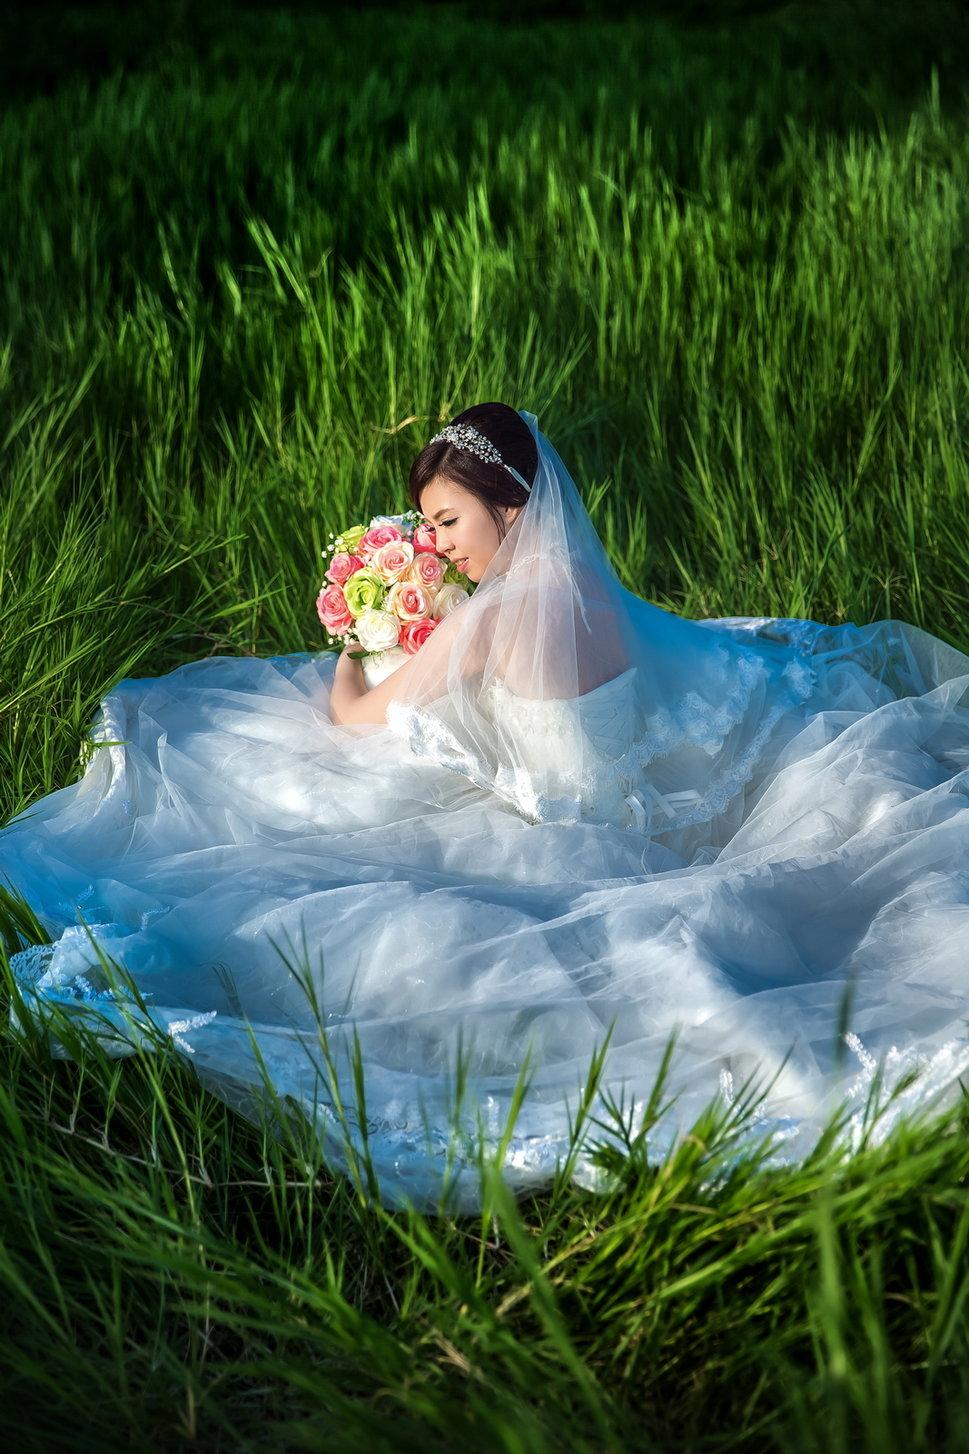 自助婚紗-淡水教堂-婚攝阿卜(編號:433915) - 阿卜的攝影工作室 - 結婚吧一站式婚禮服務平台